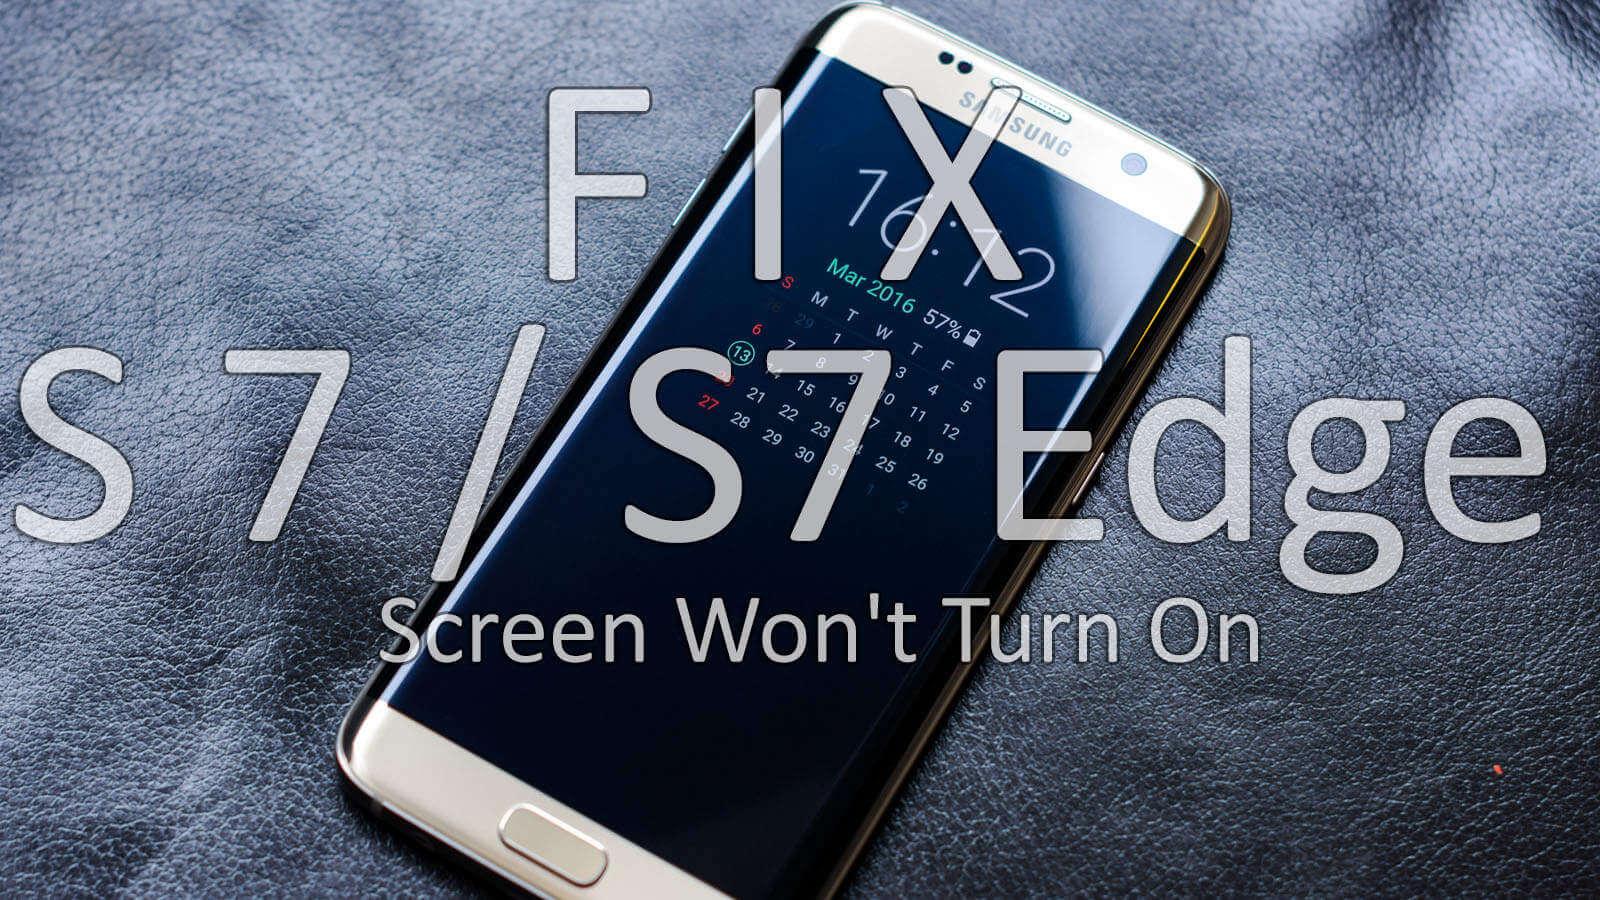 Fix Galaxy S7 / S7 Edge Screen Won't Turn On